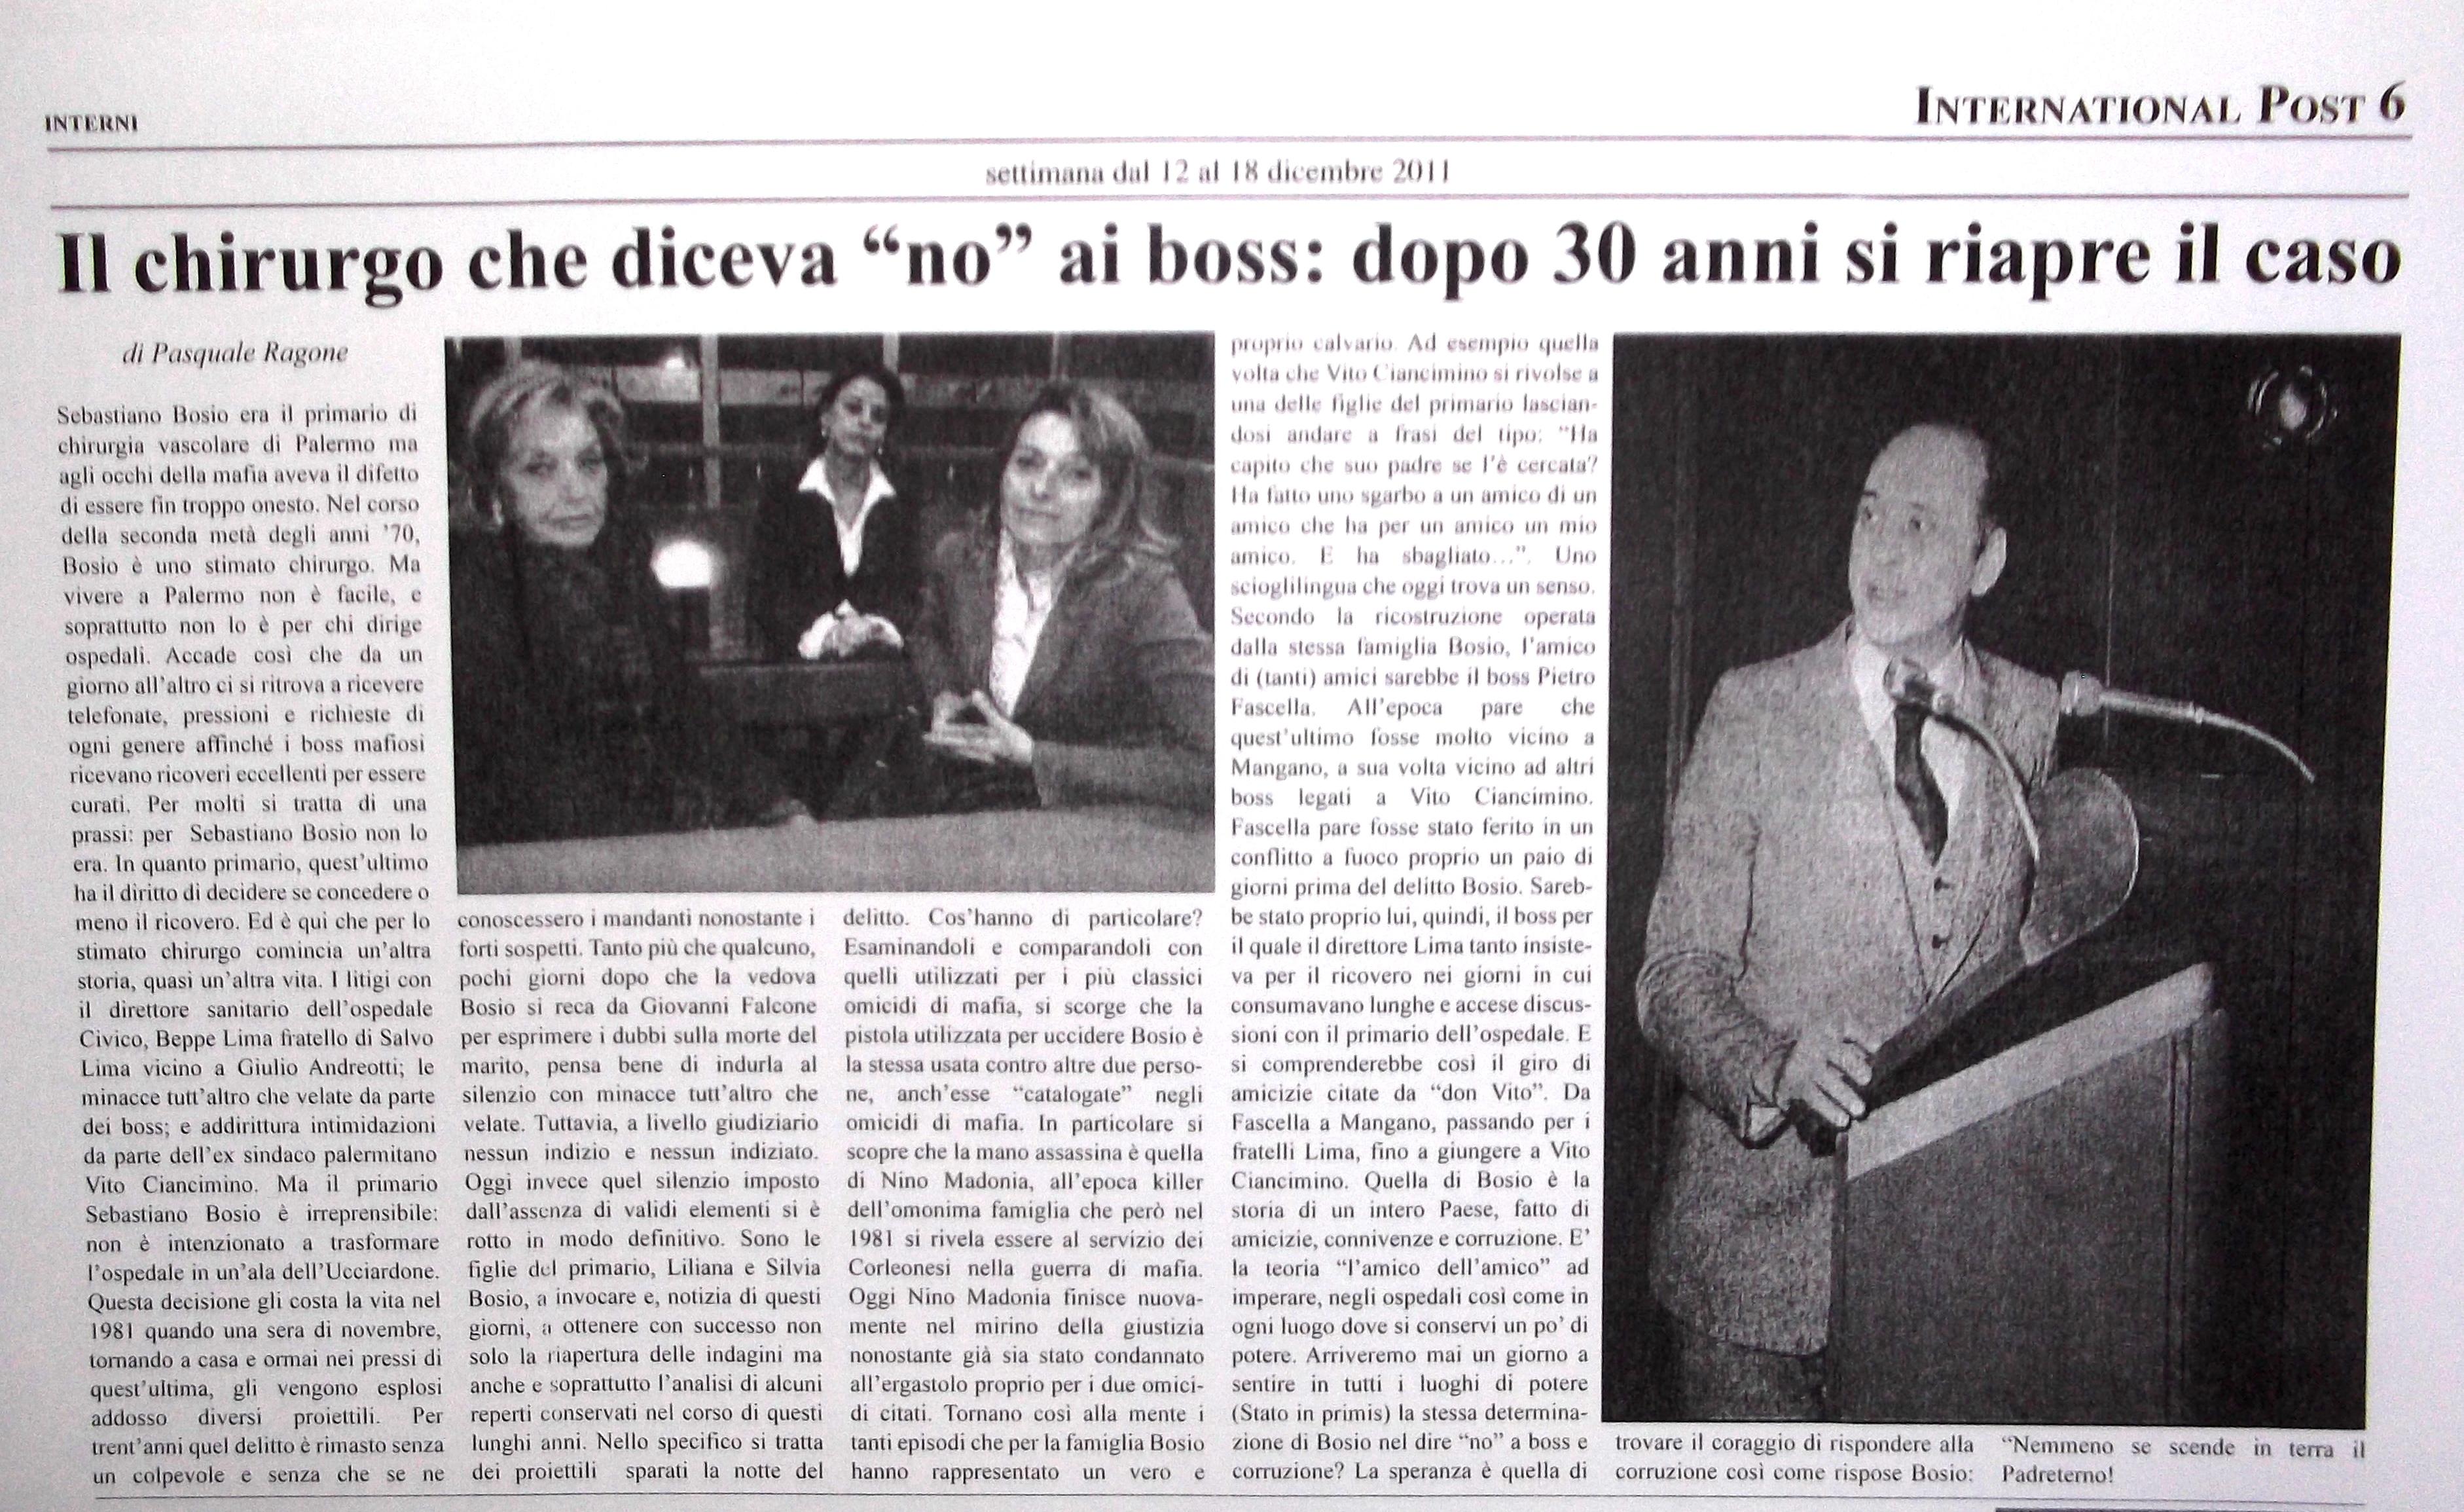 Chirurgo assassinato mafia Palermo